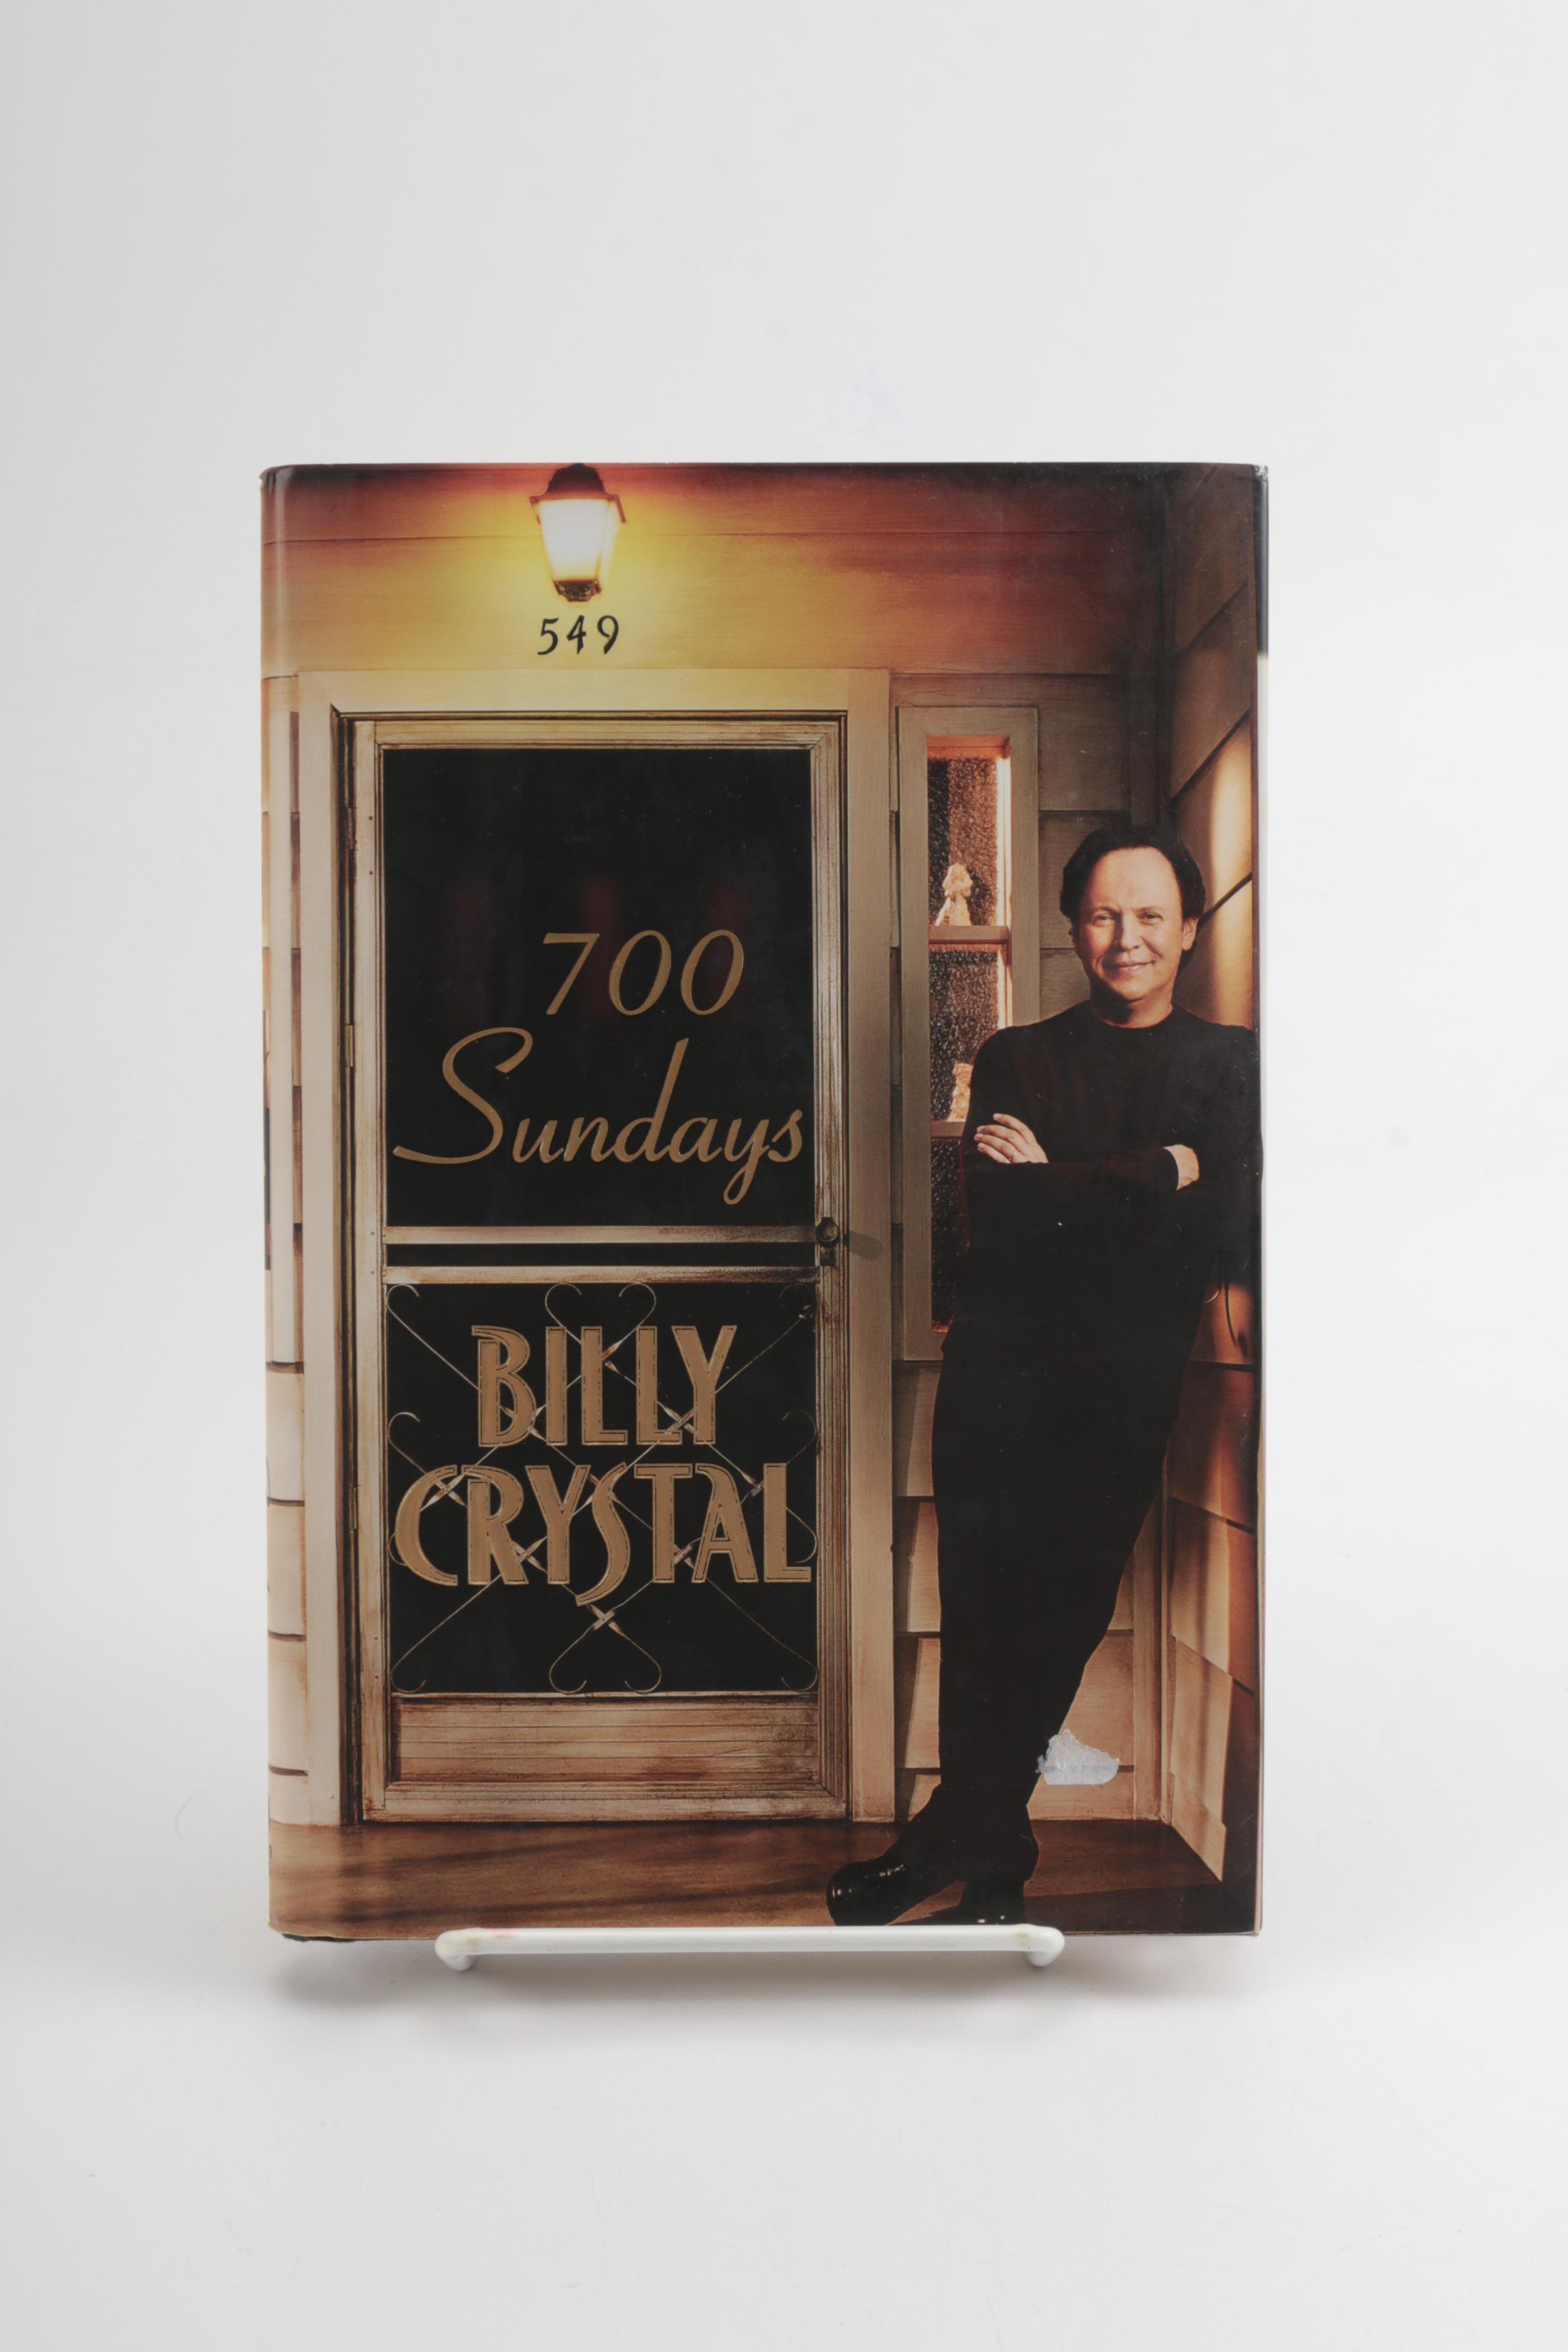 700 Sundays by Billy Crystal